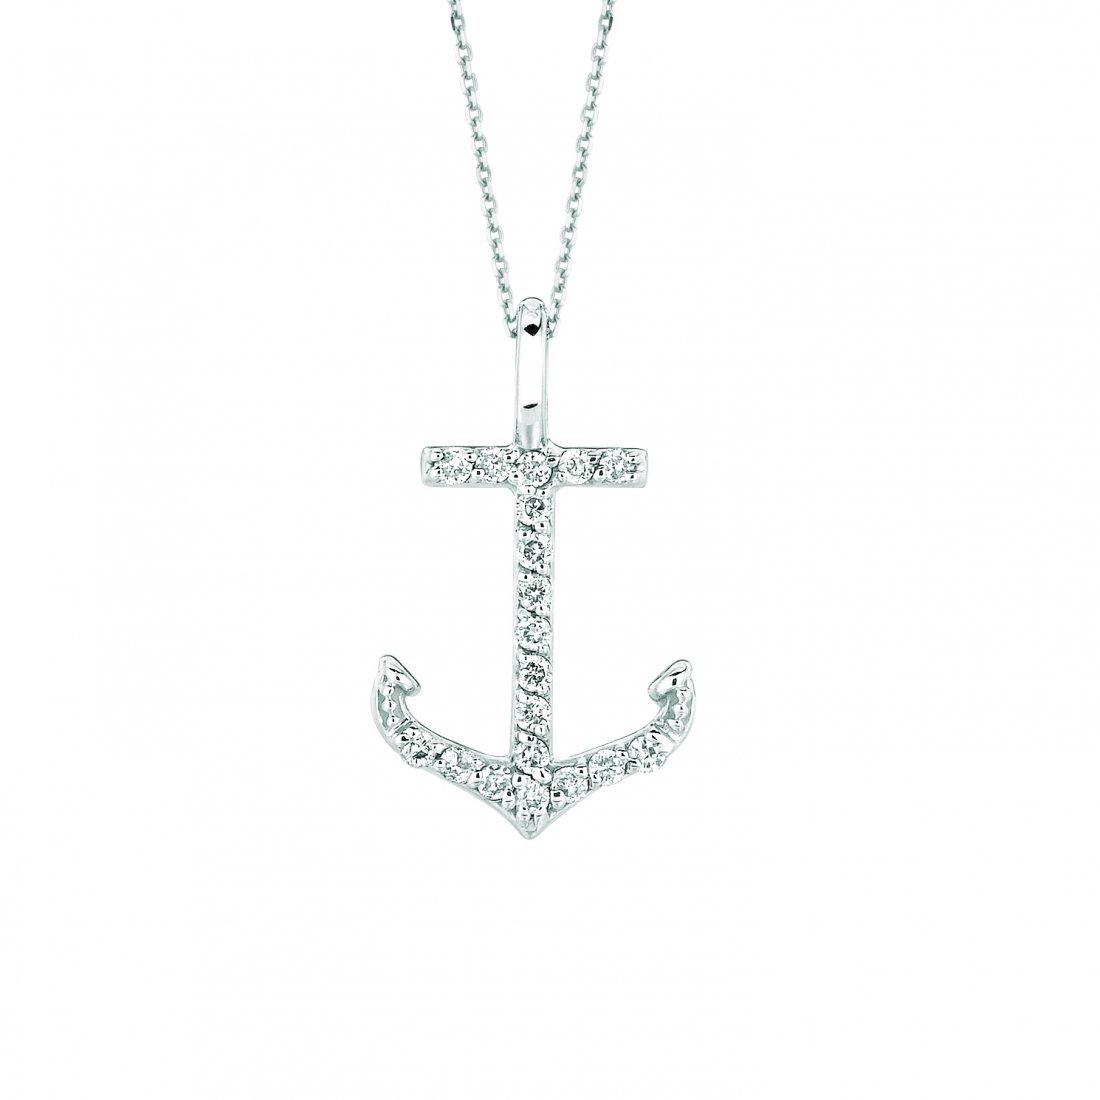 Diamond anchor necklace